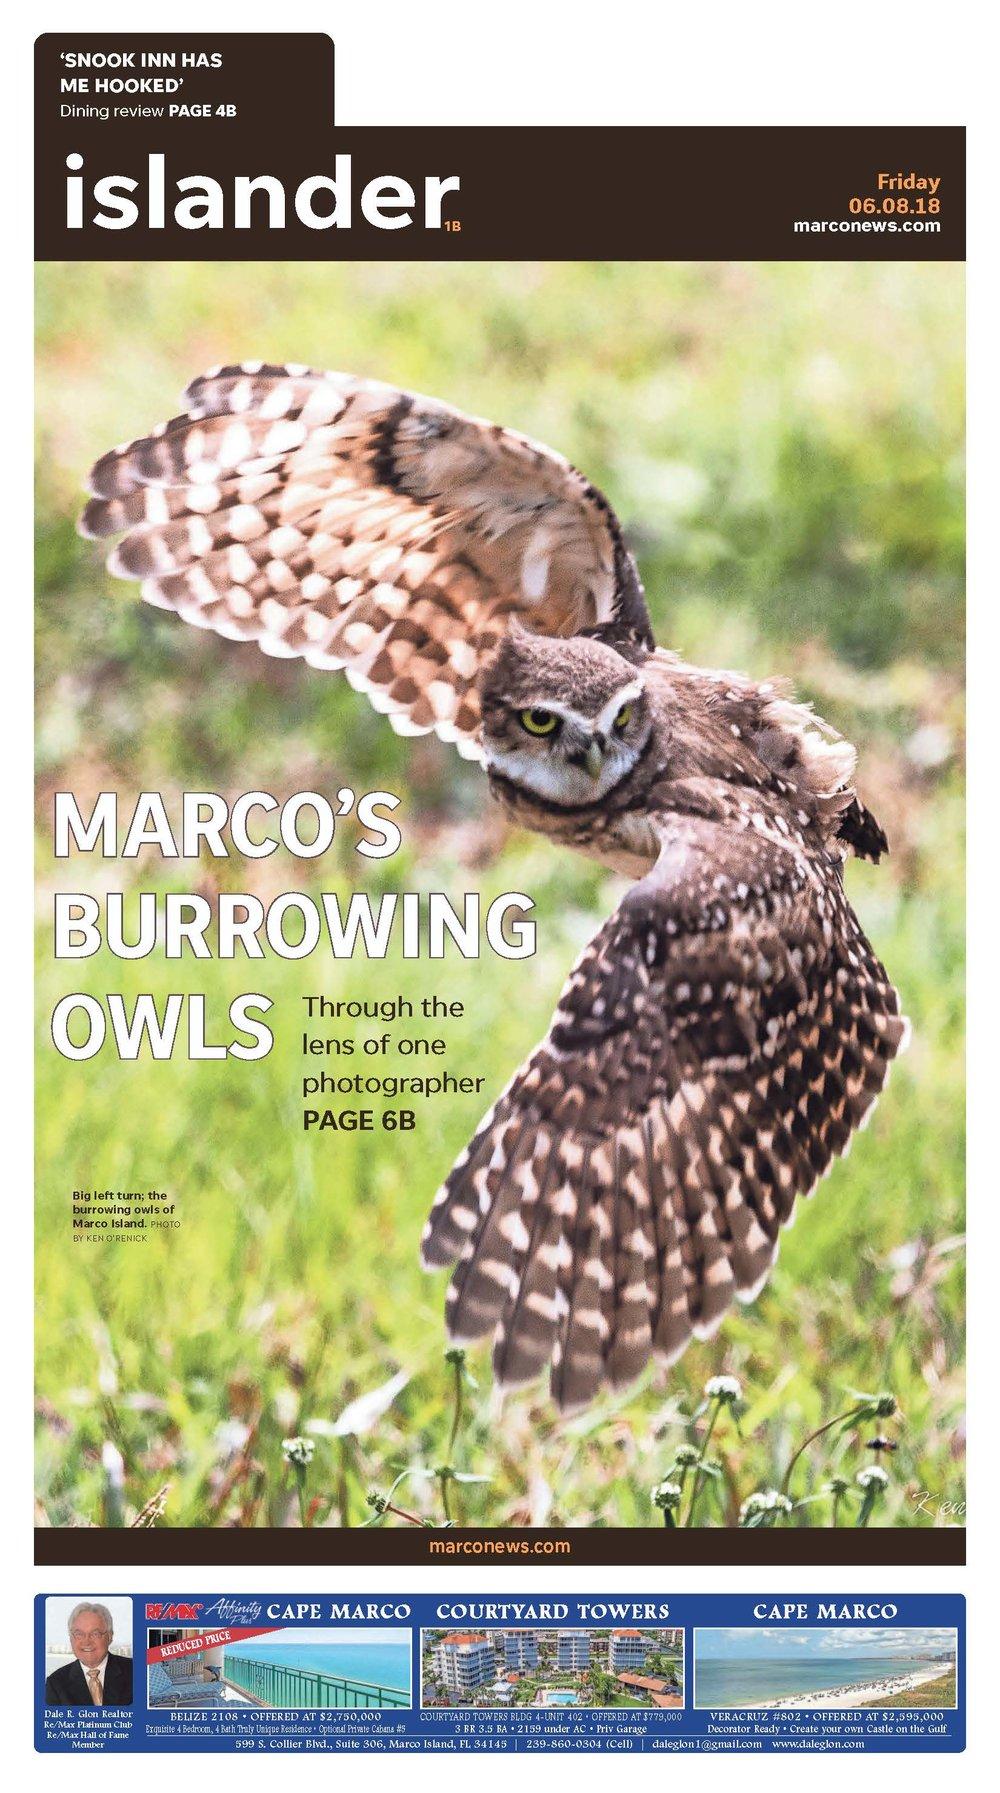 BILL GREEN PROOF SHEET MarcoEagle_OWLS 20180608_B01_B06_Page_1.jpg